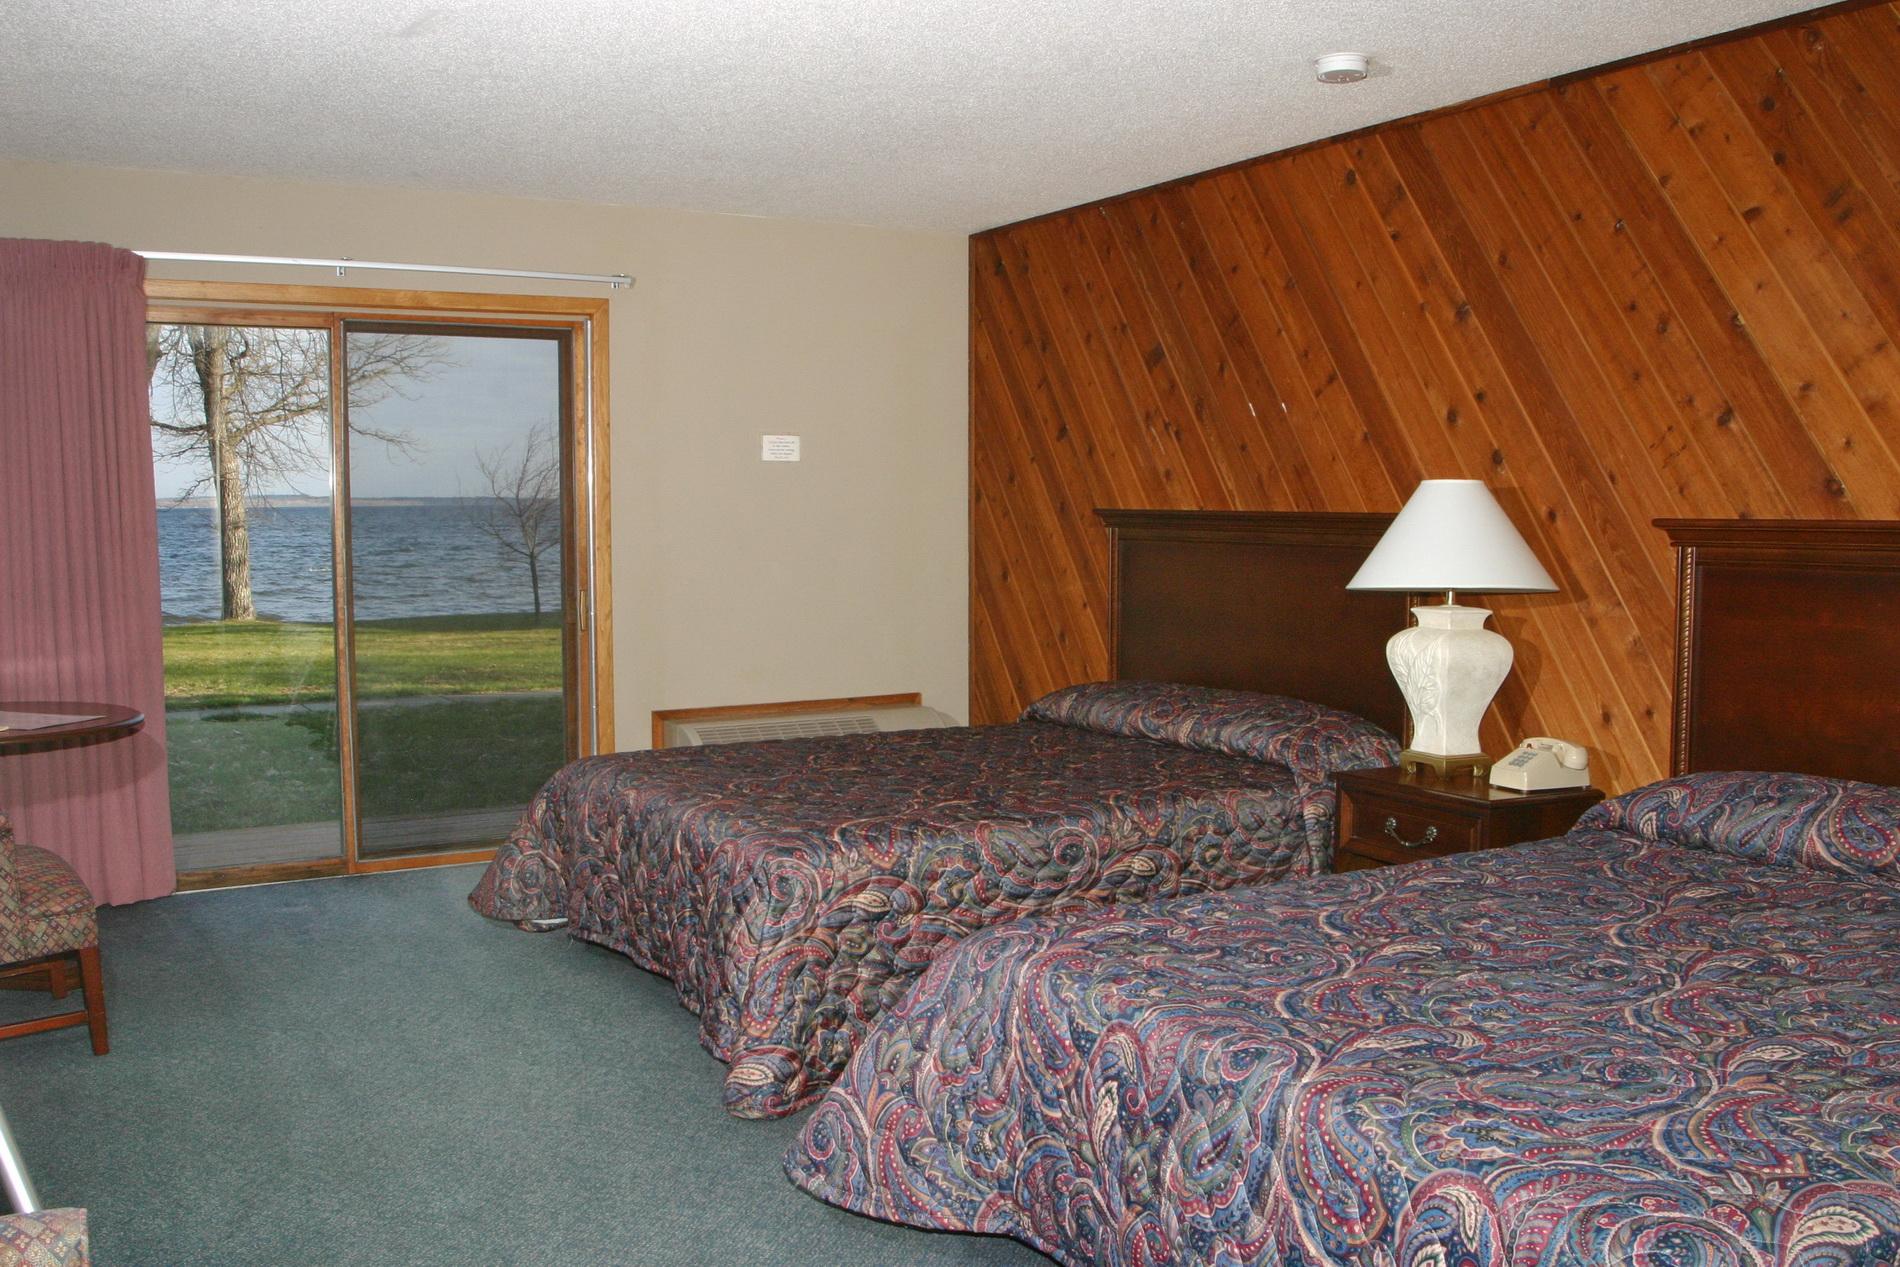 32-beds-window